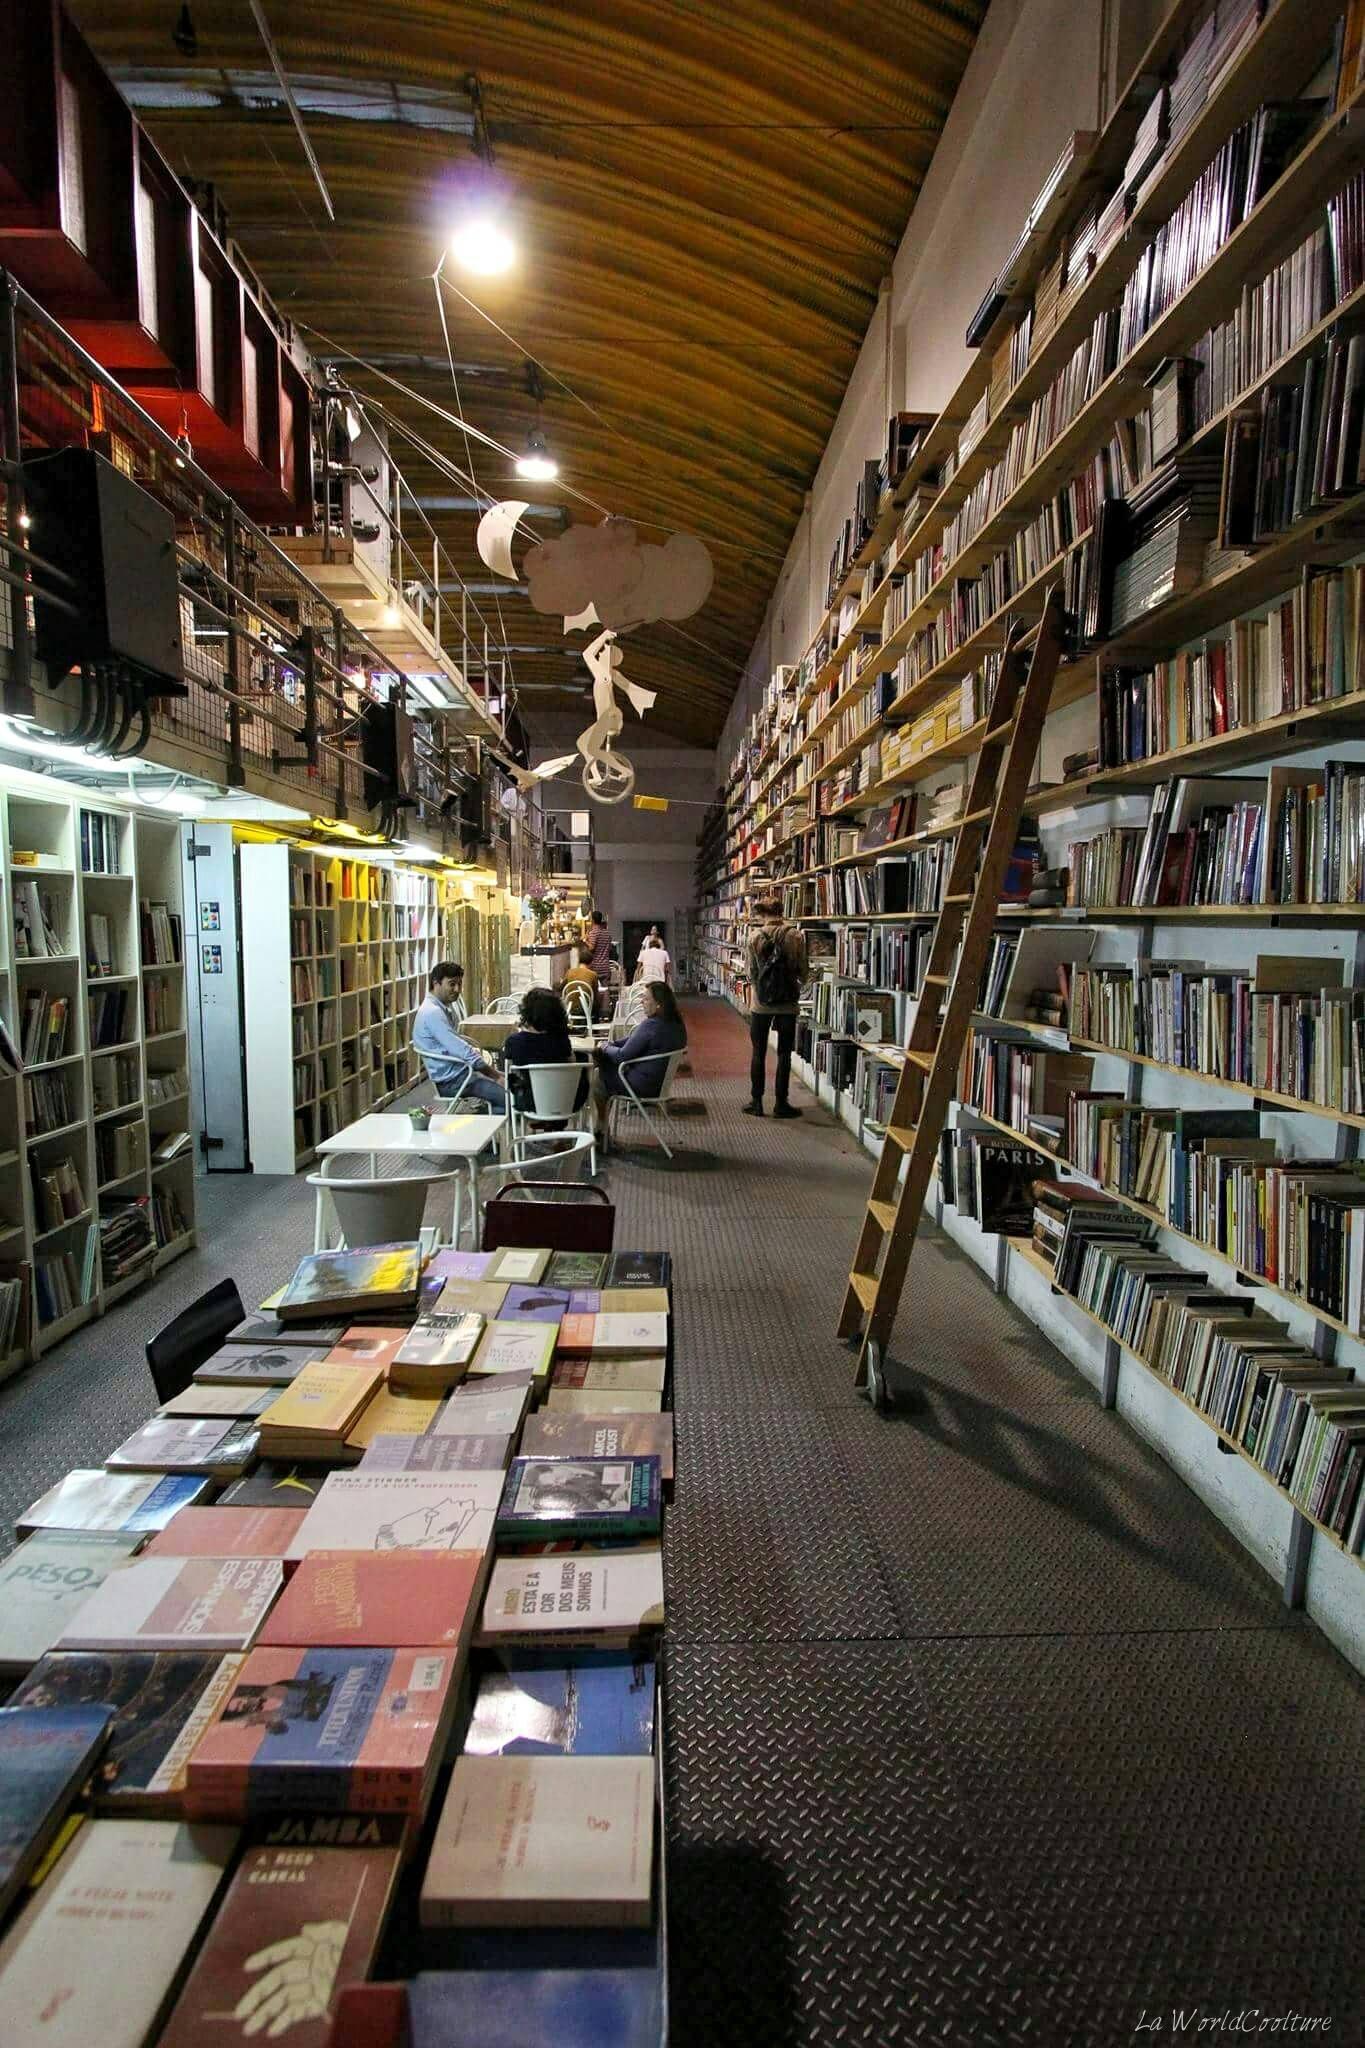 Librairie-Ler-Devagar-Lx-Factory